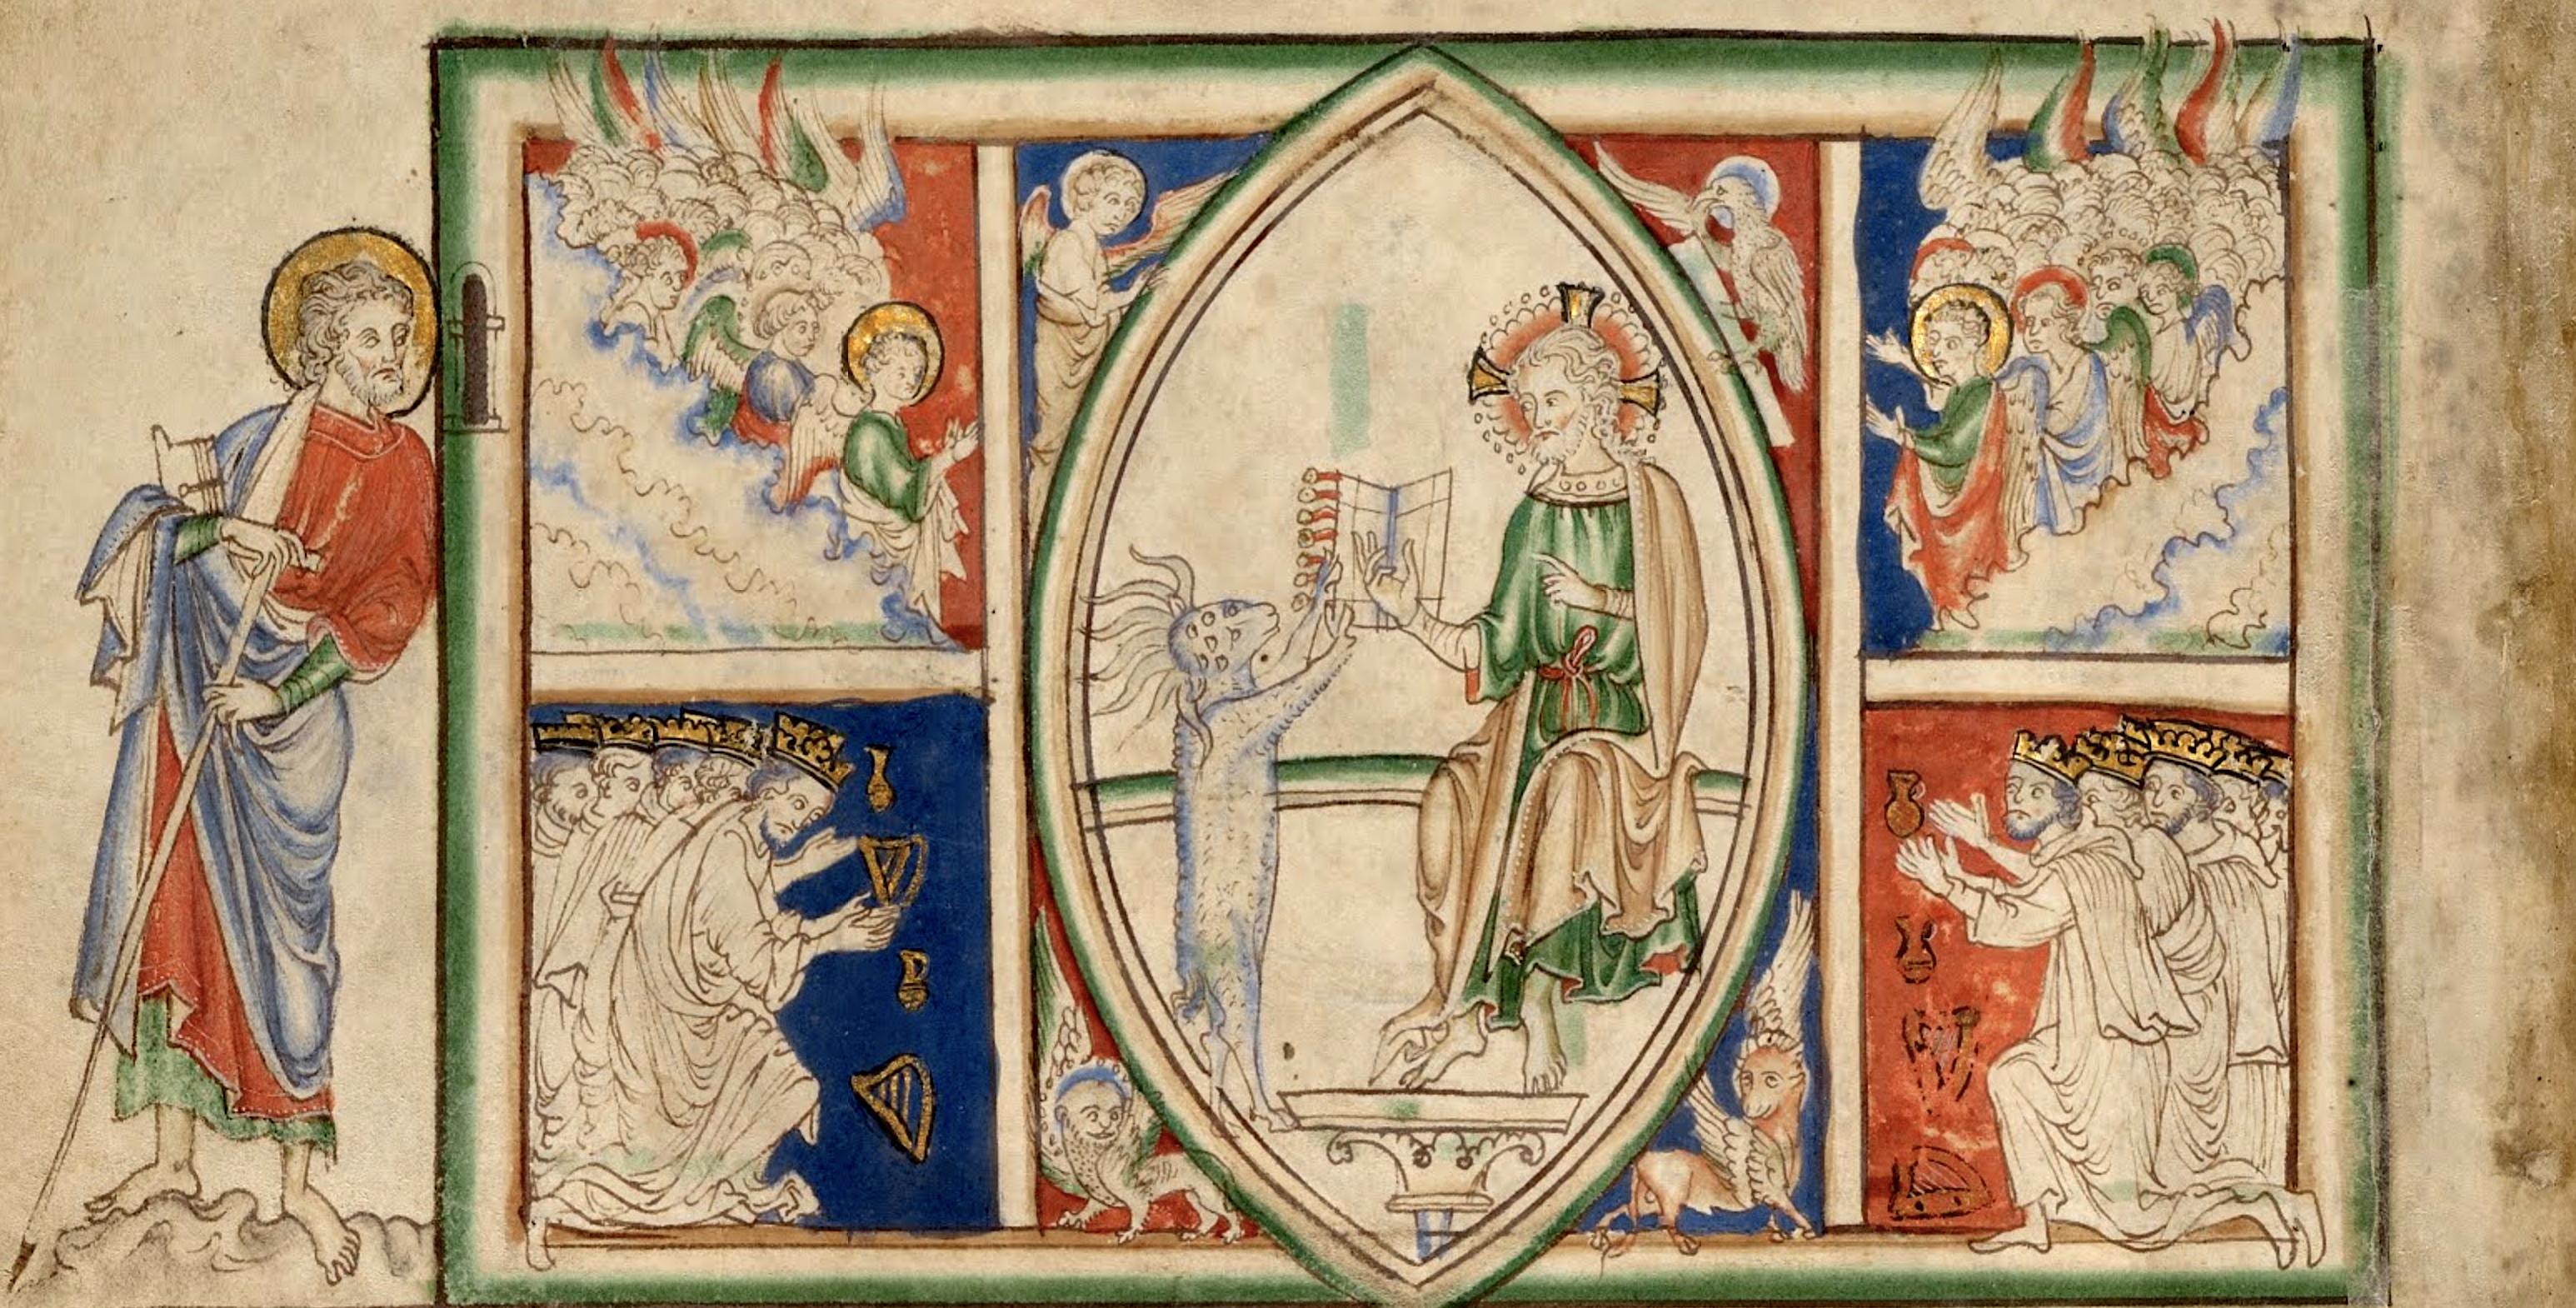 Nieznany Autor. Baranek bierze zapieczętowaną Książeczkę, Aniołowie i Starcy śpiewają Pieść Chwału. Ok 1255-1260